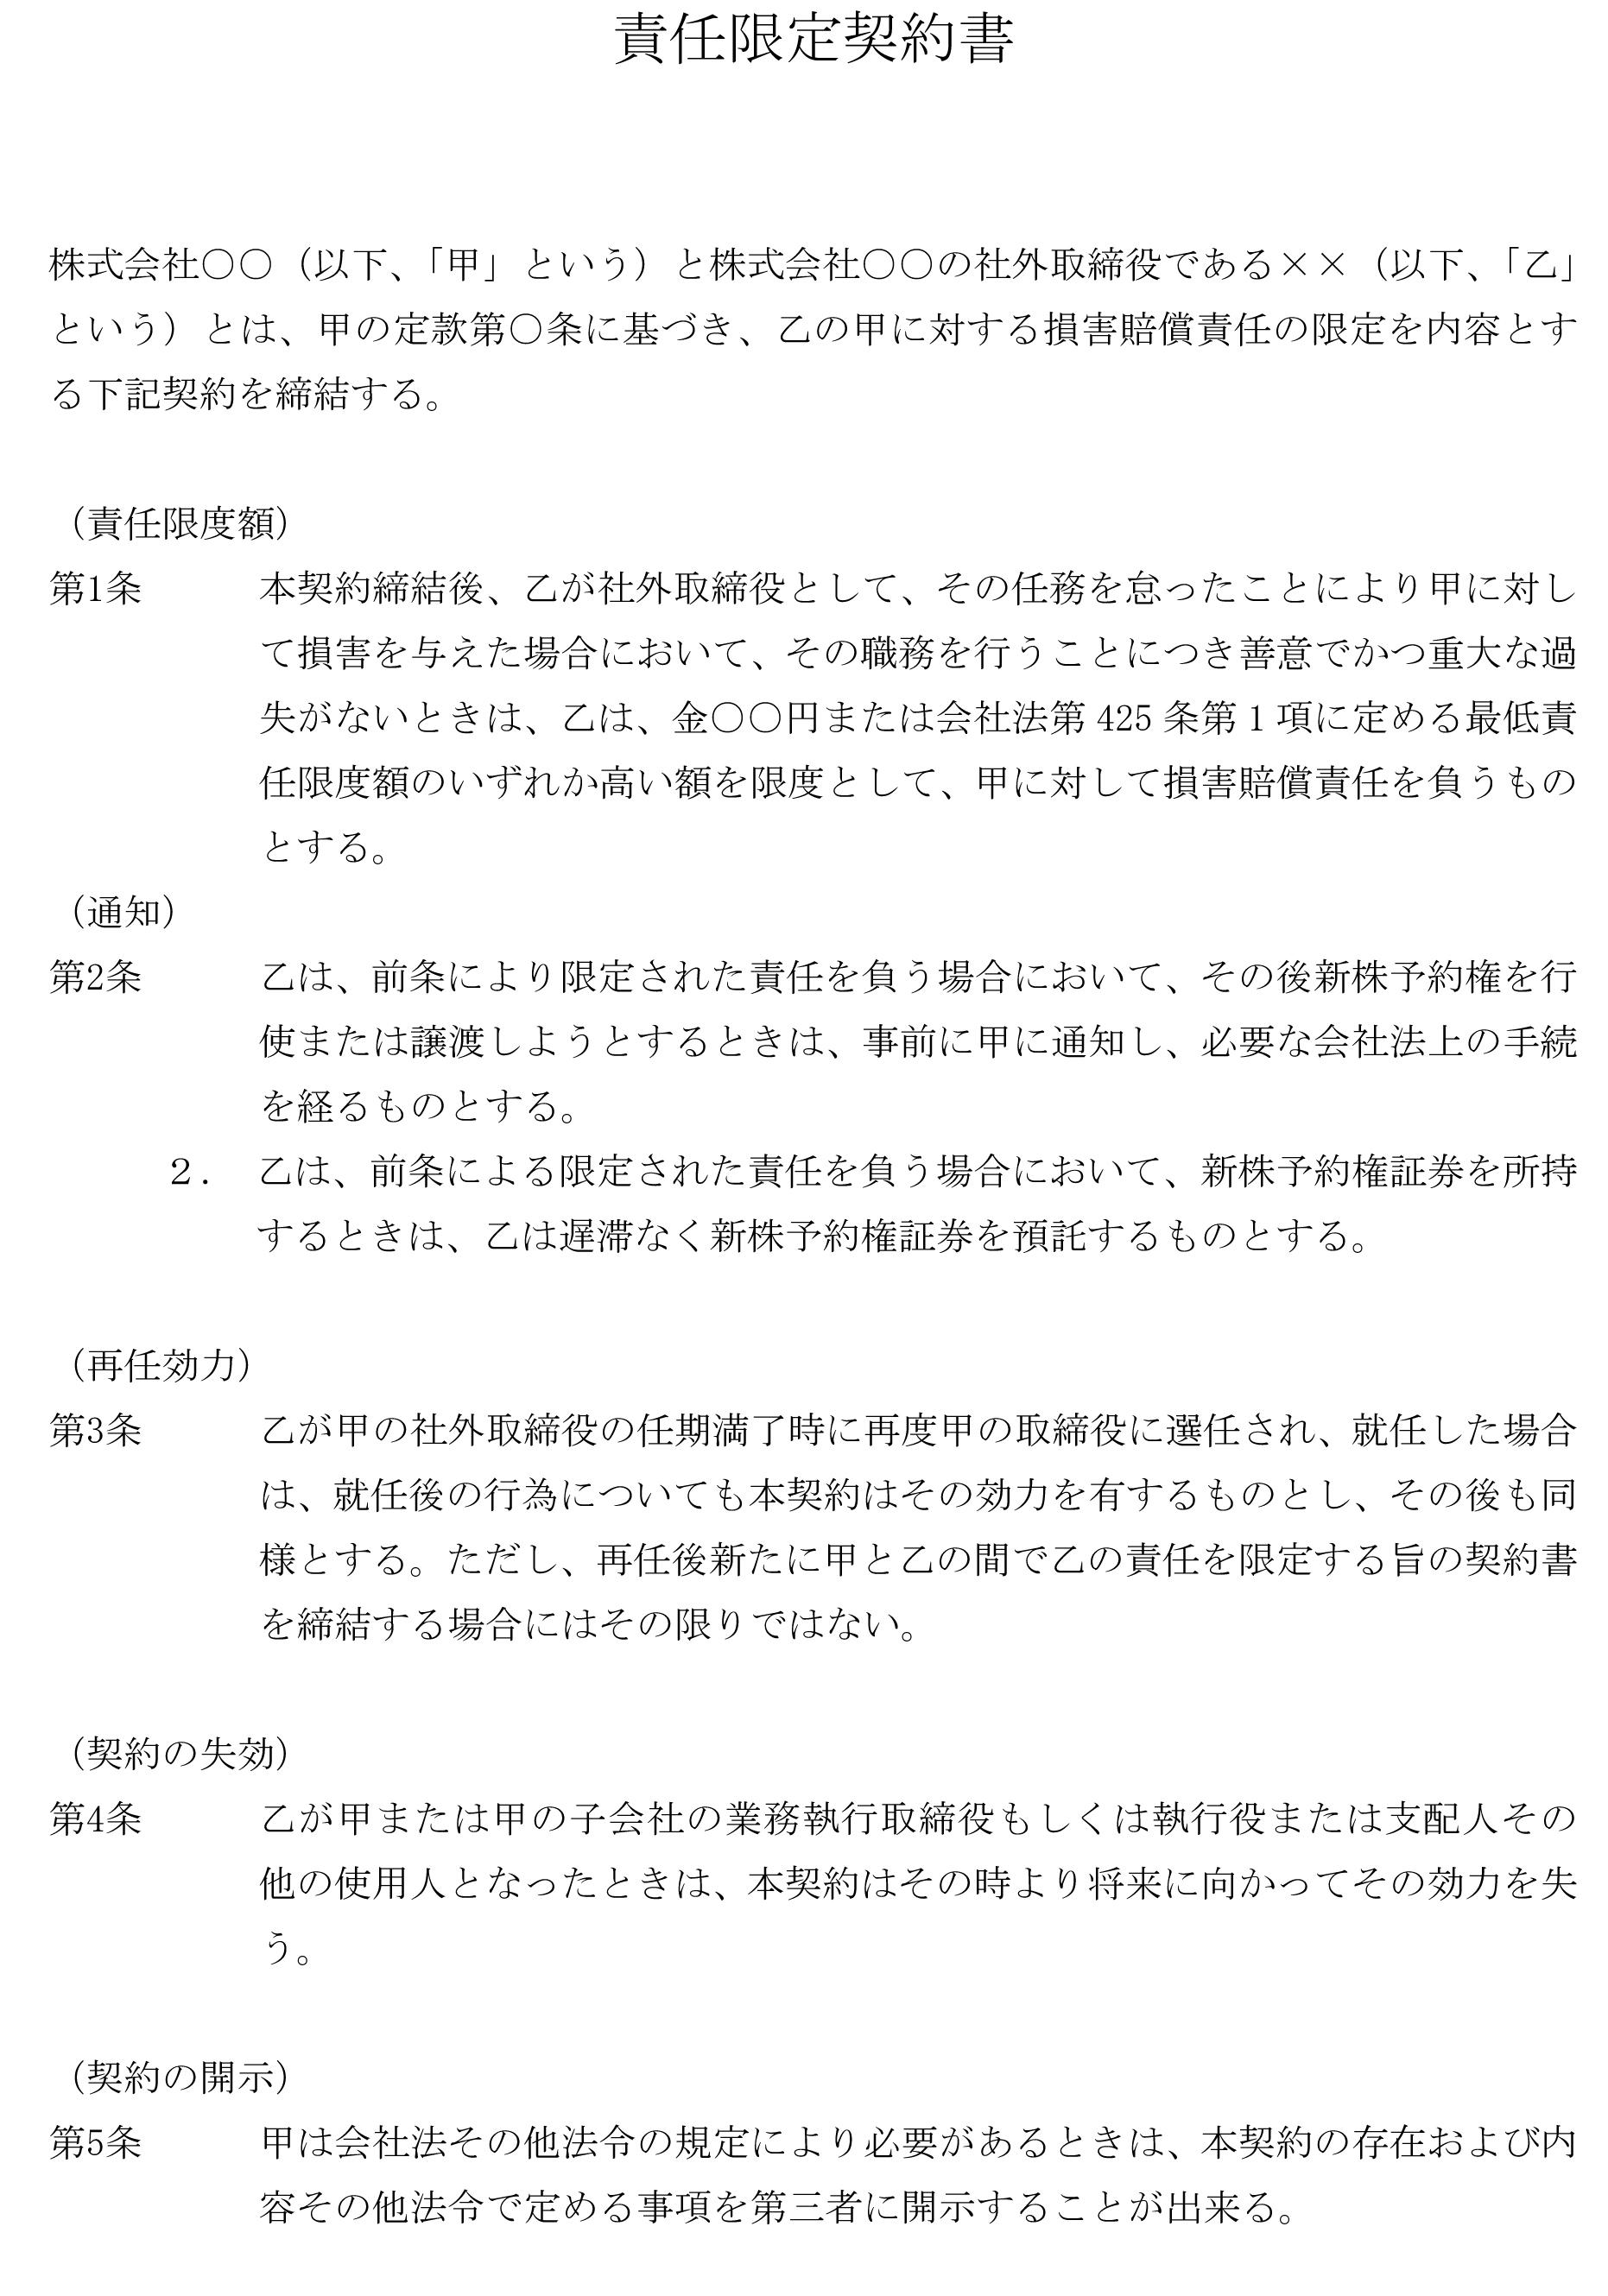 取締役責任限定契約書